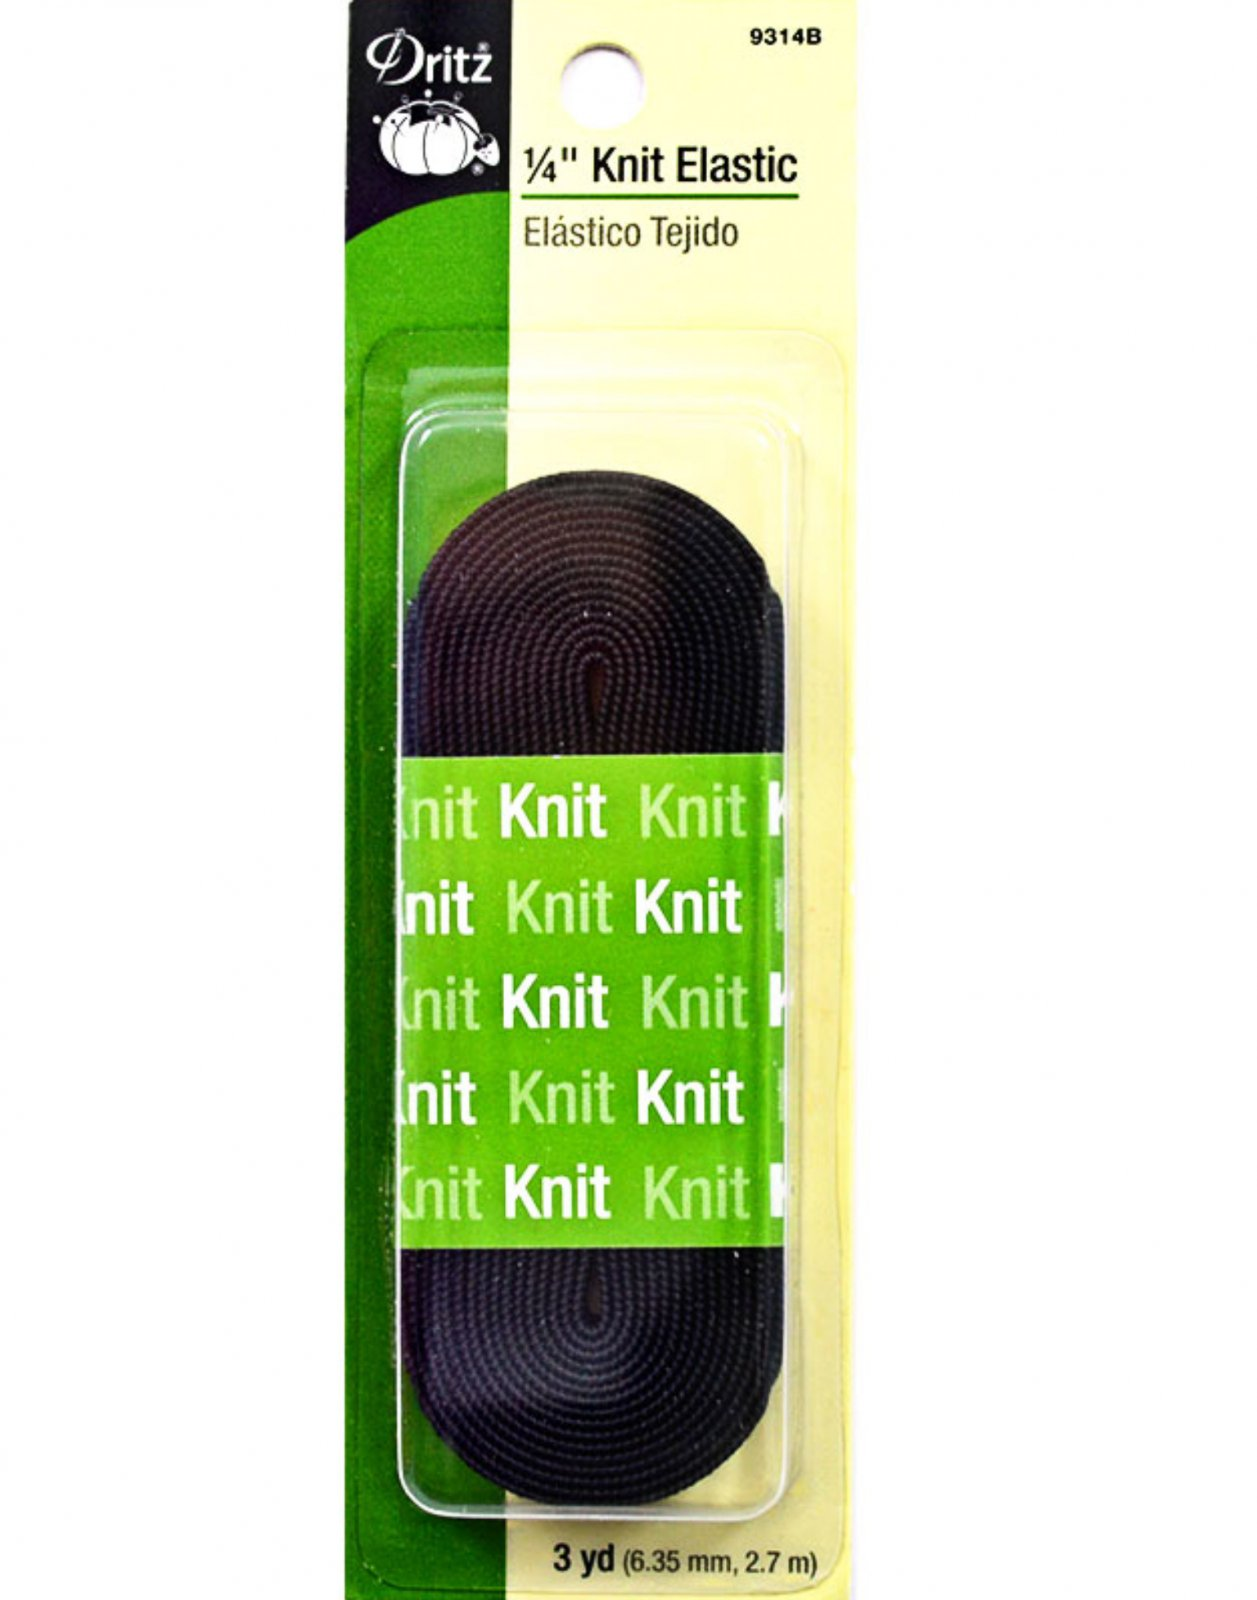 Black 1/4 Knit Elastic for Medical Masks